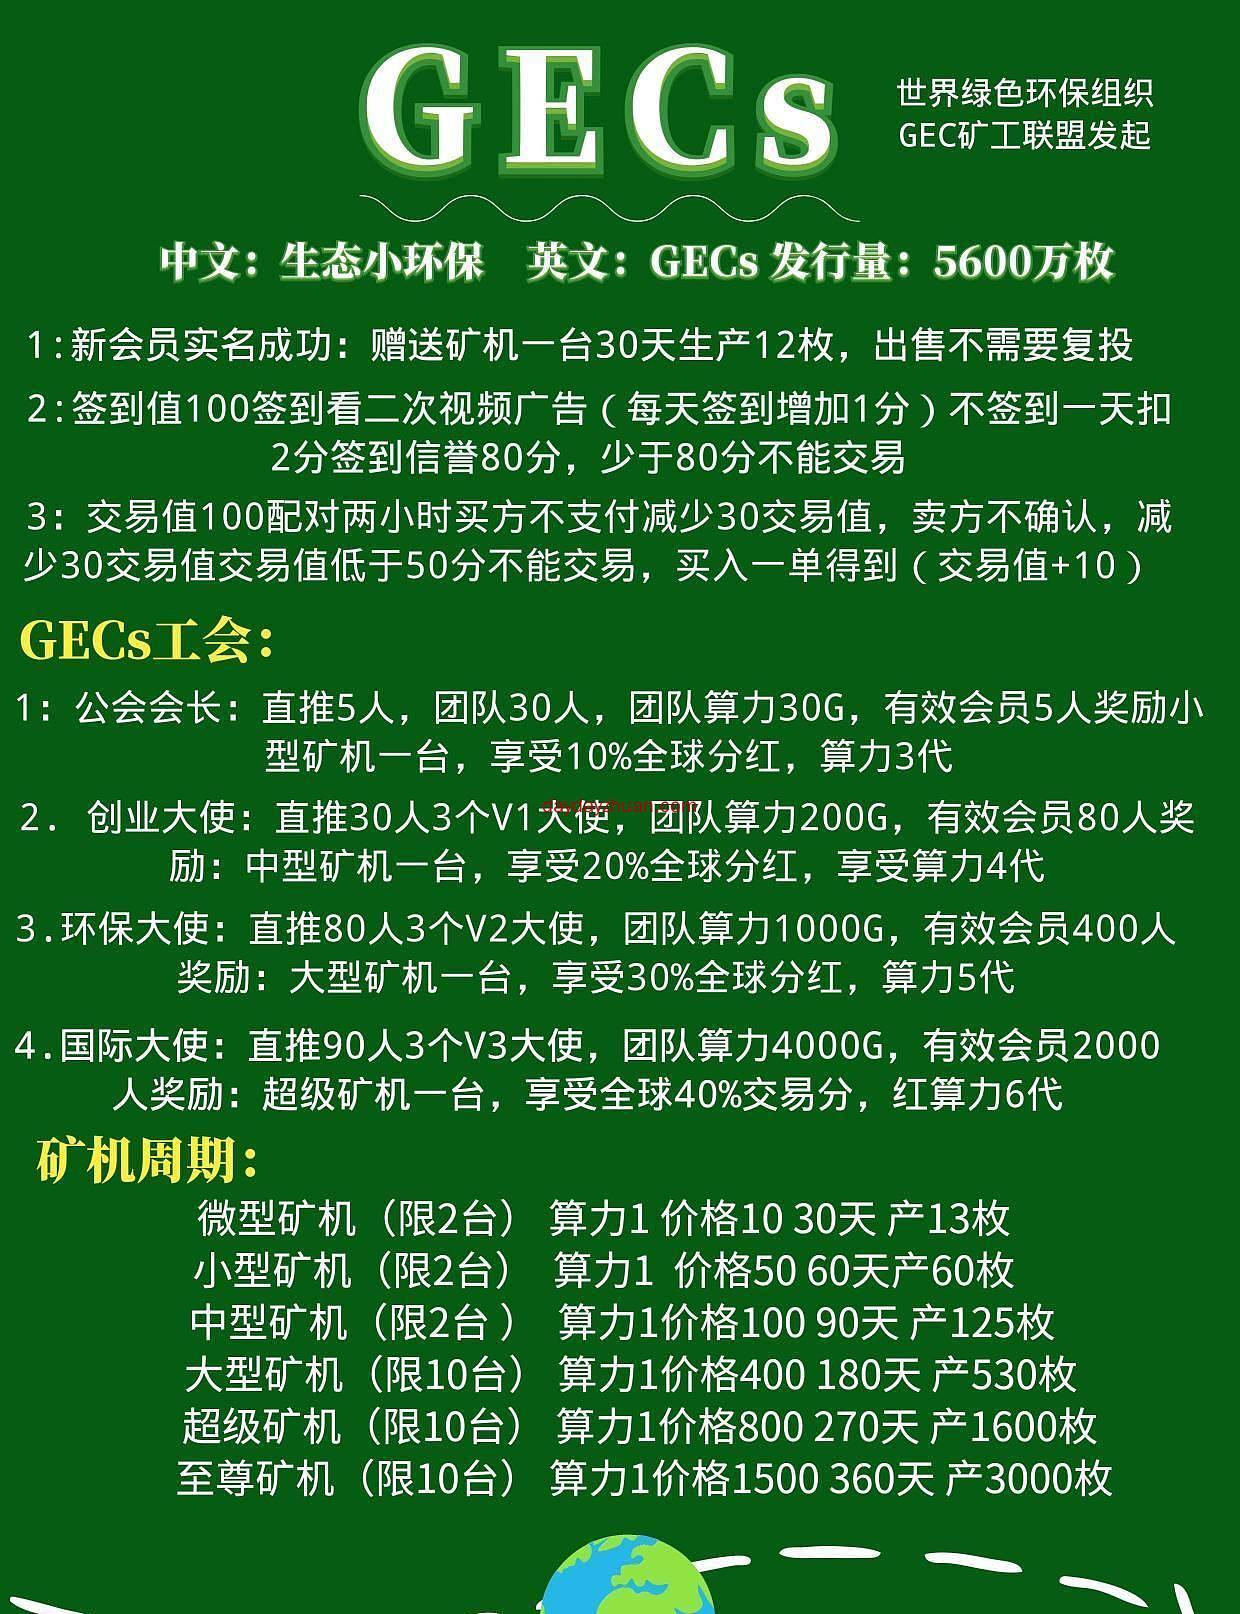 GECs:GEC仿盘,简单填写信息就行,一币可卖  第4张